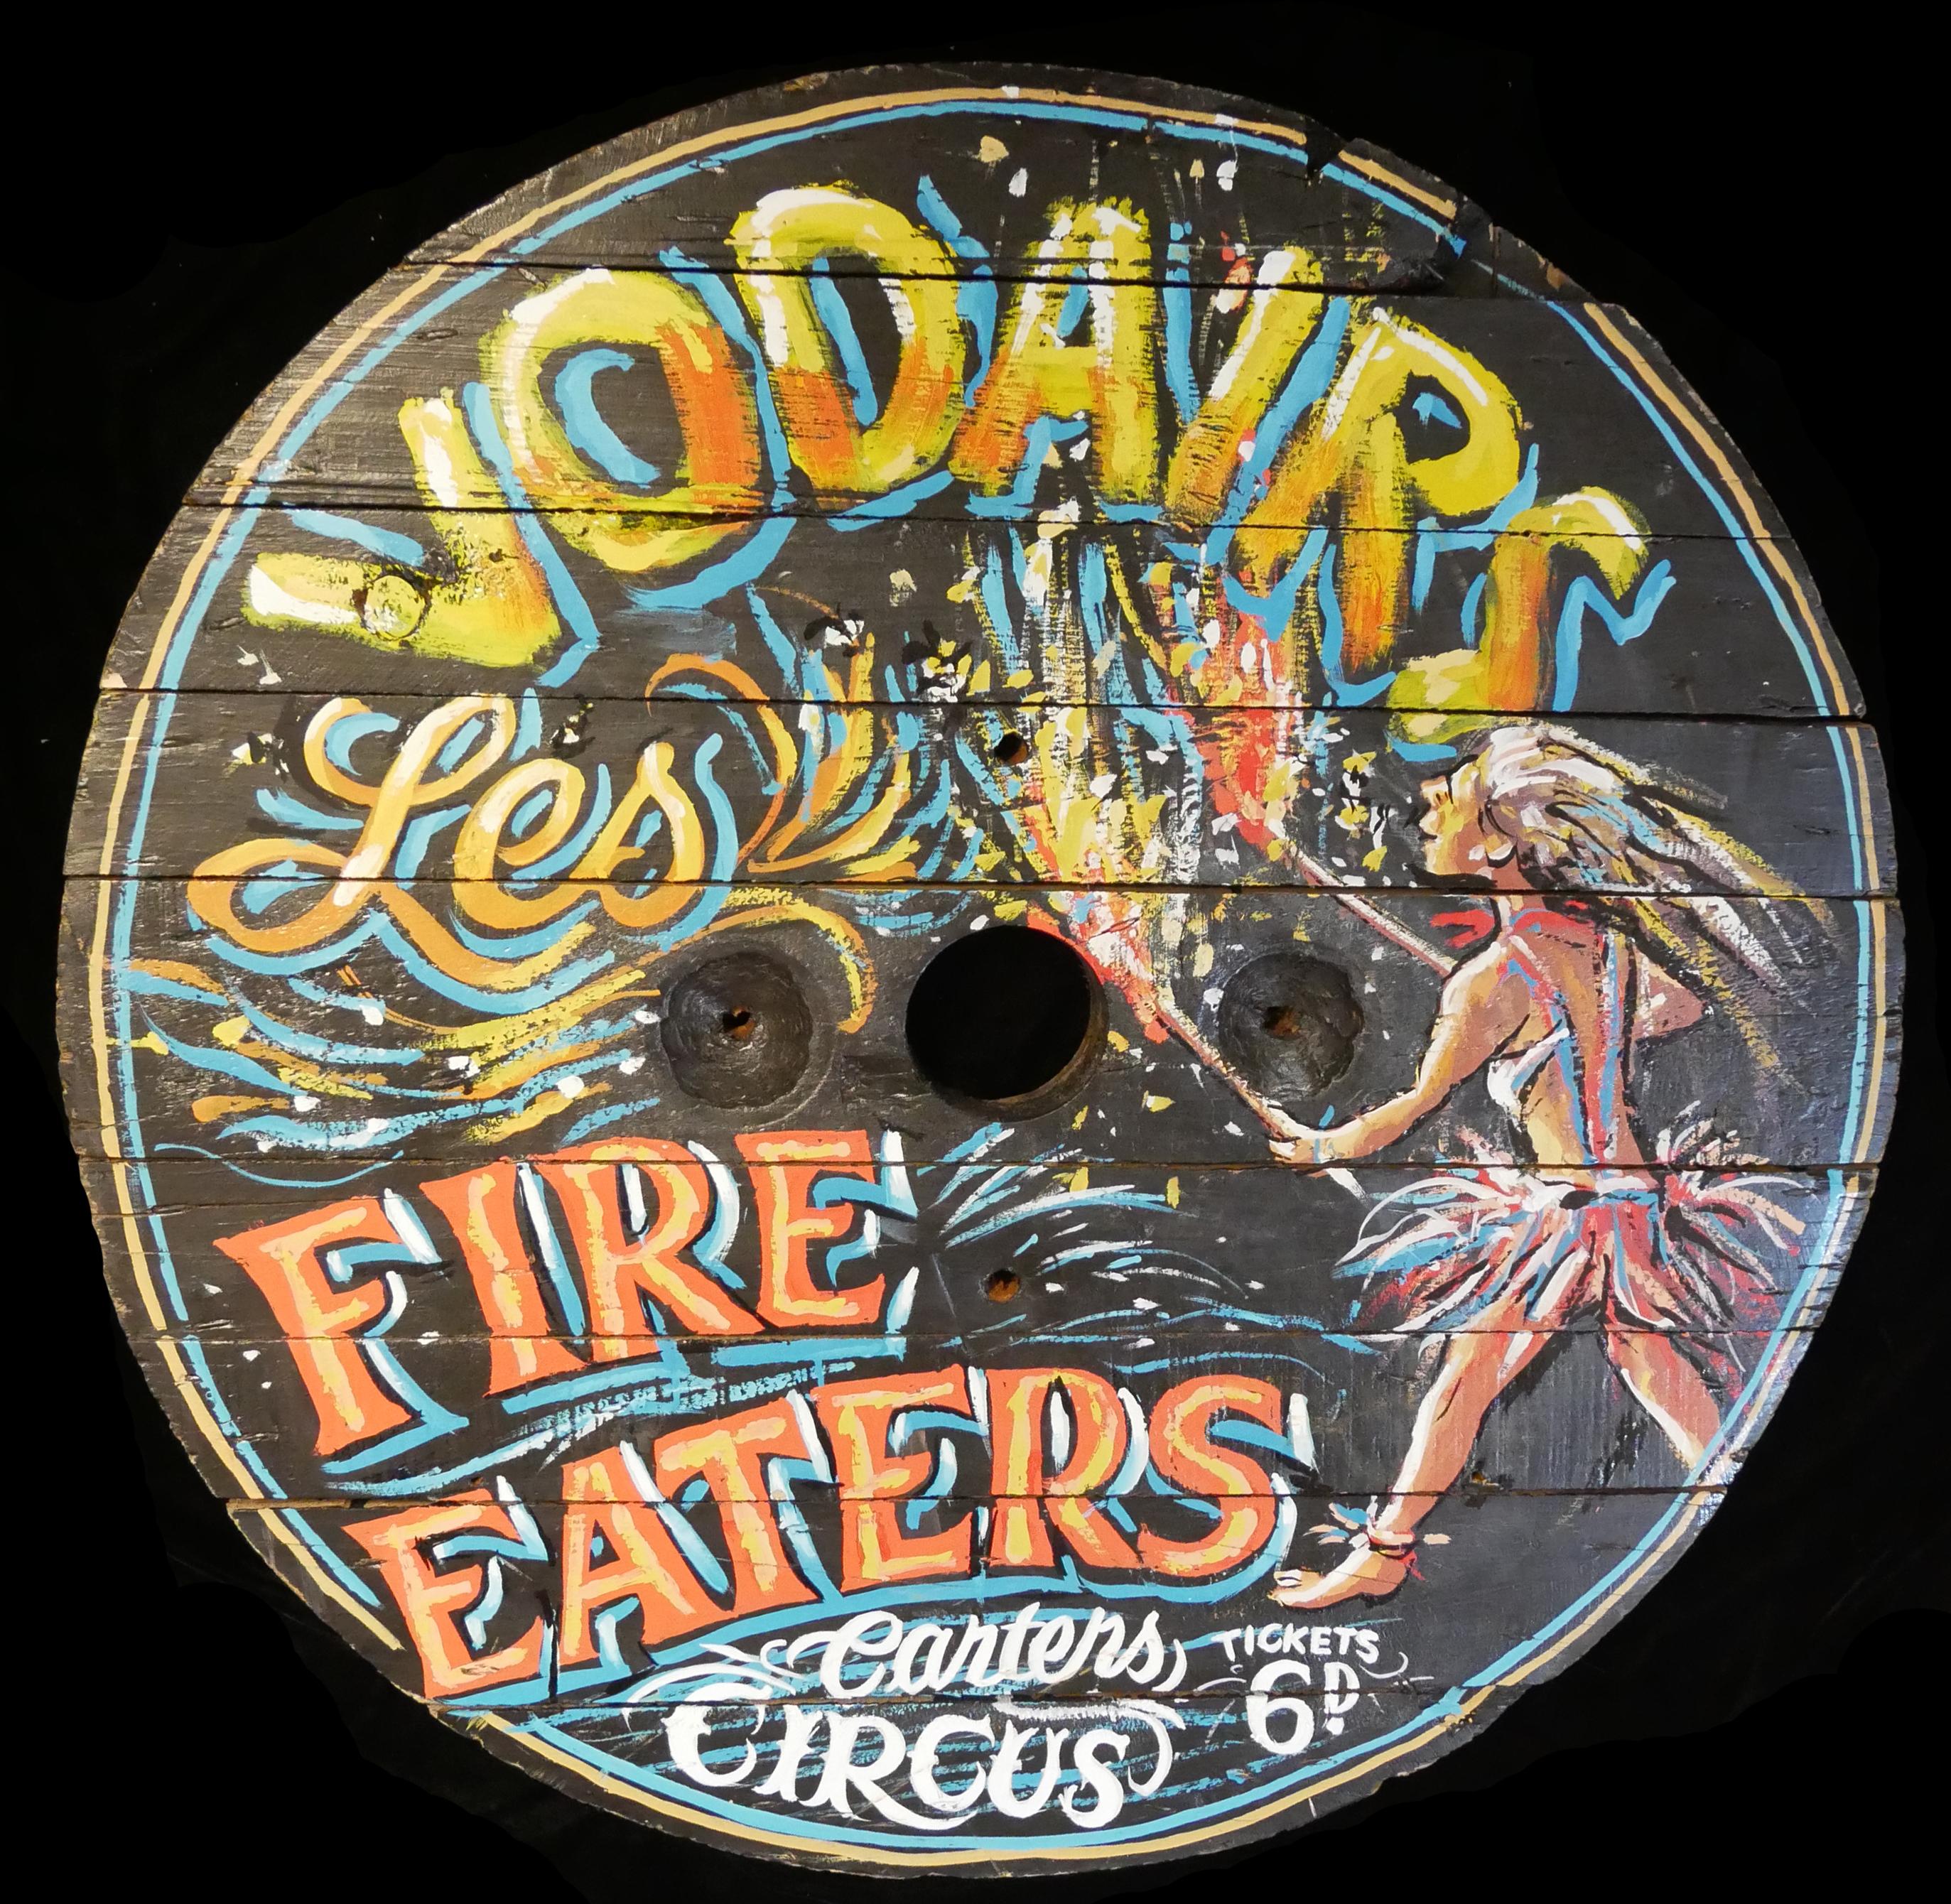 VODAIRS LES FIRE EATERS, A PAINTED FAIRGROUND ROUNDEL. (diameter 82cm)